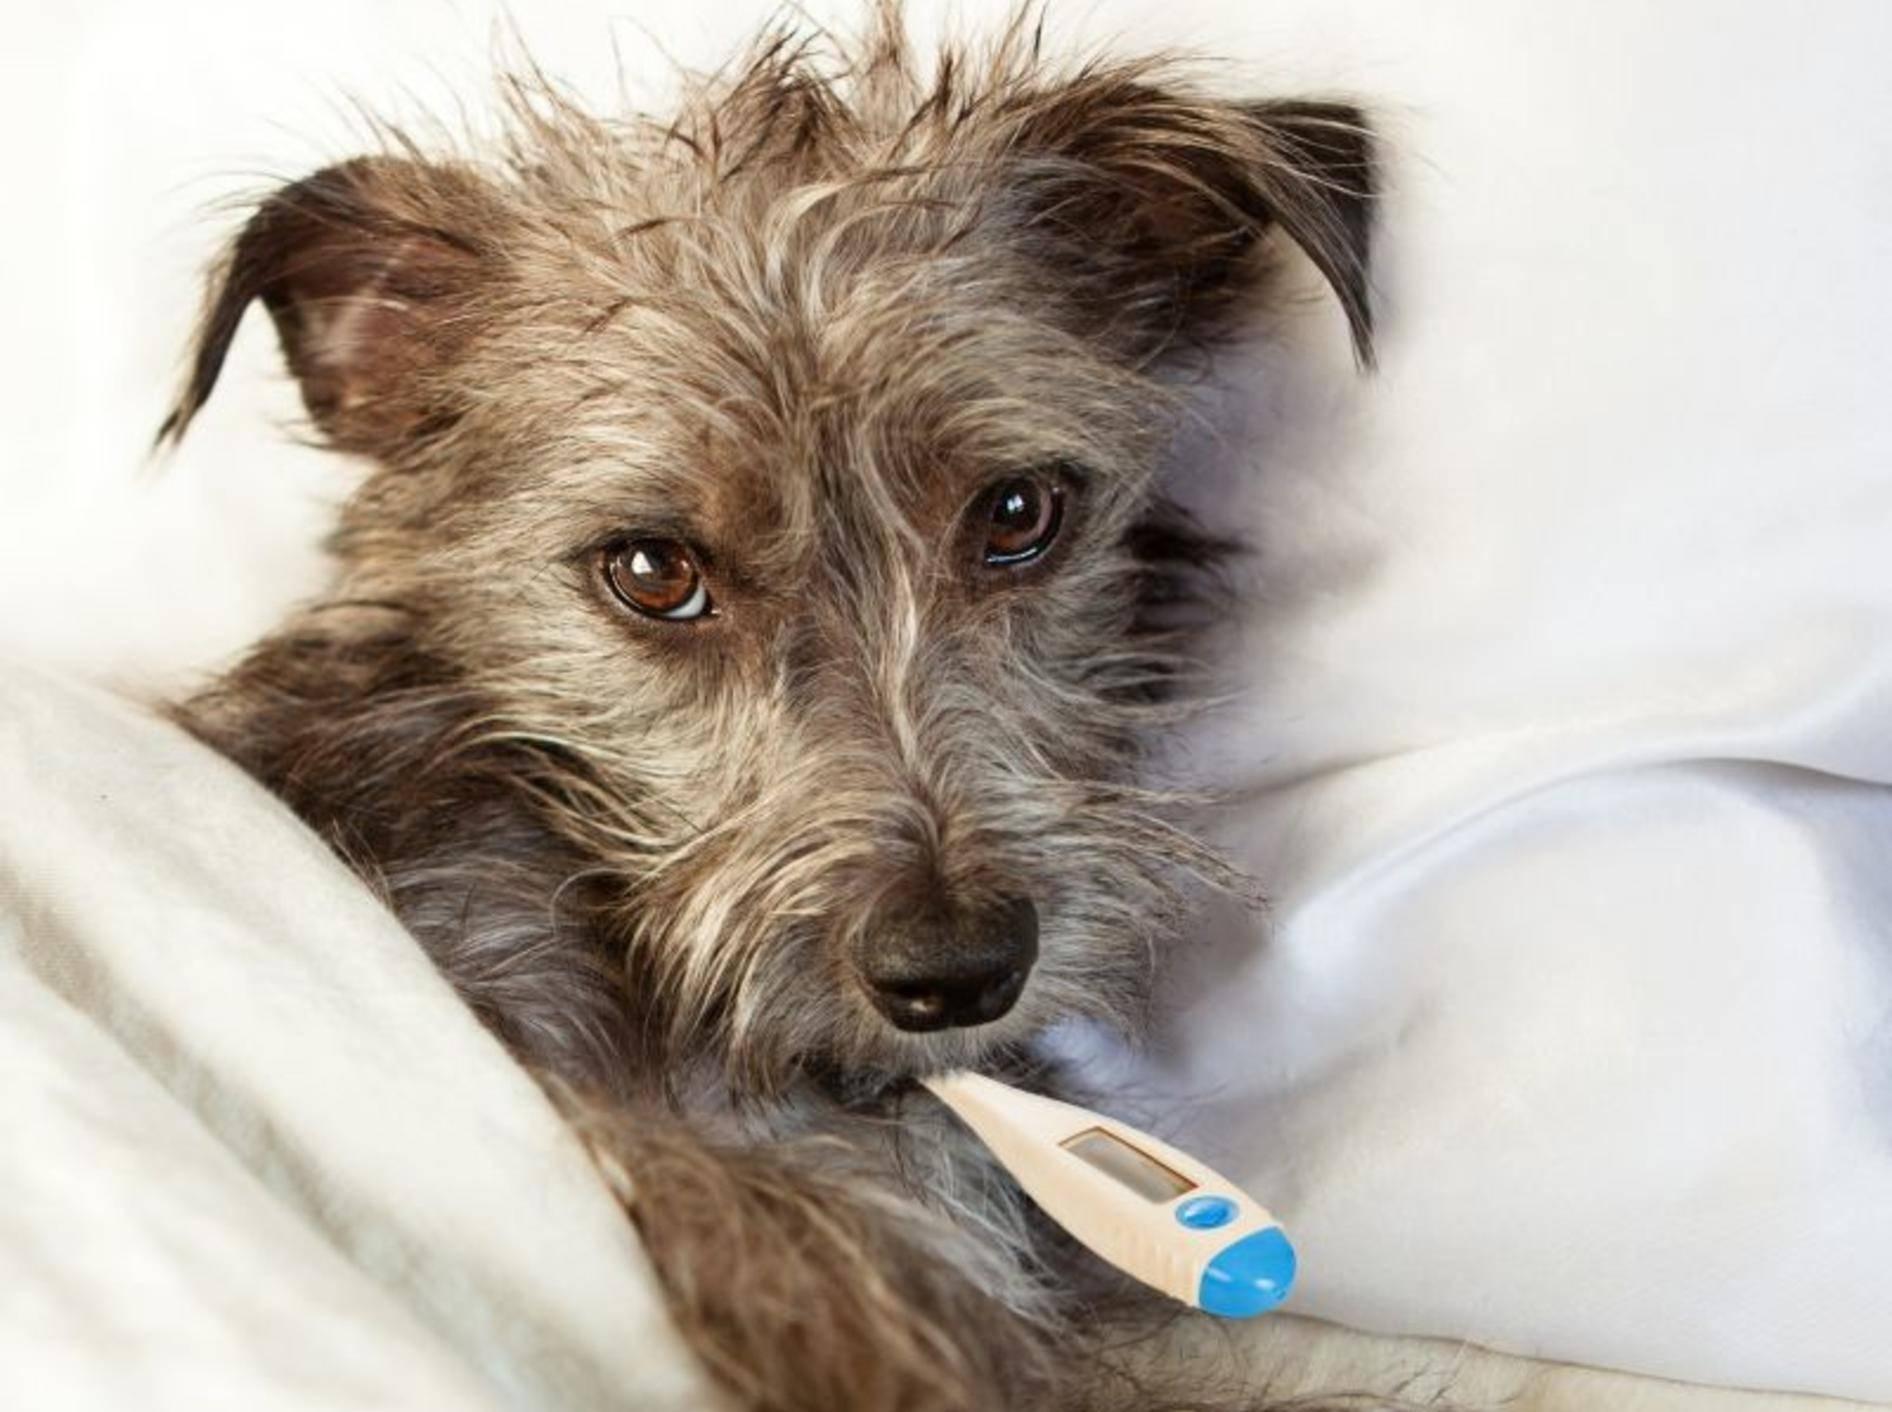 Hohes Fieber gehört zum Beispiel zu den möglichen Ursachen für akute Niereninsuffizienz – Bild: Shutterstock / Susan Schmitz